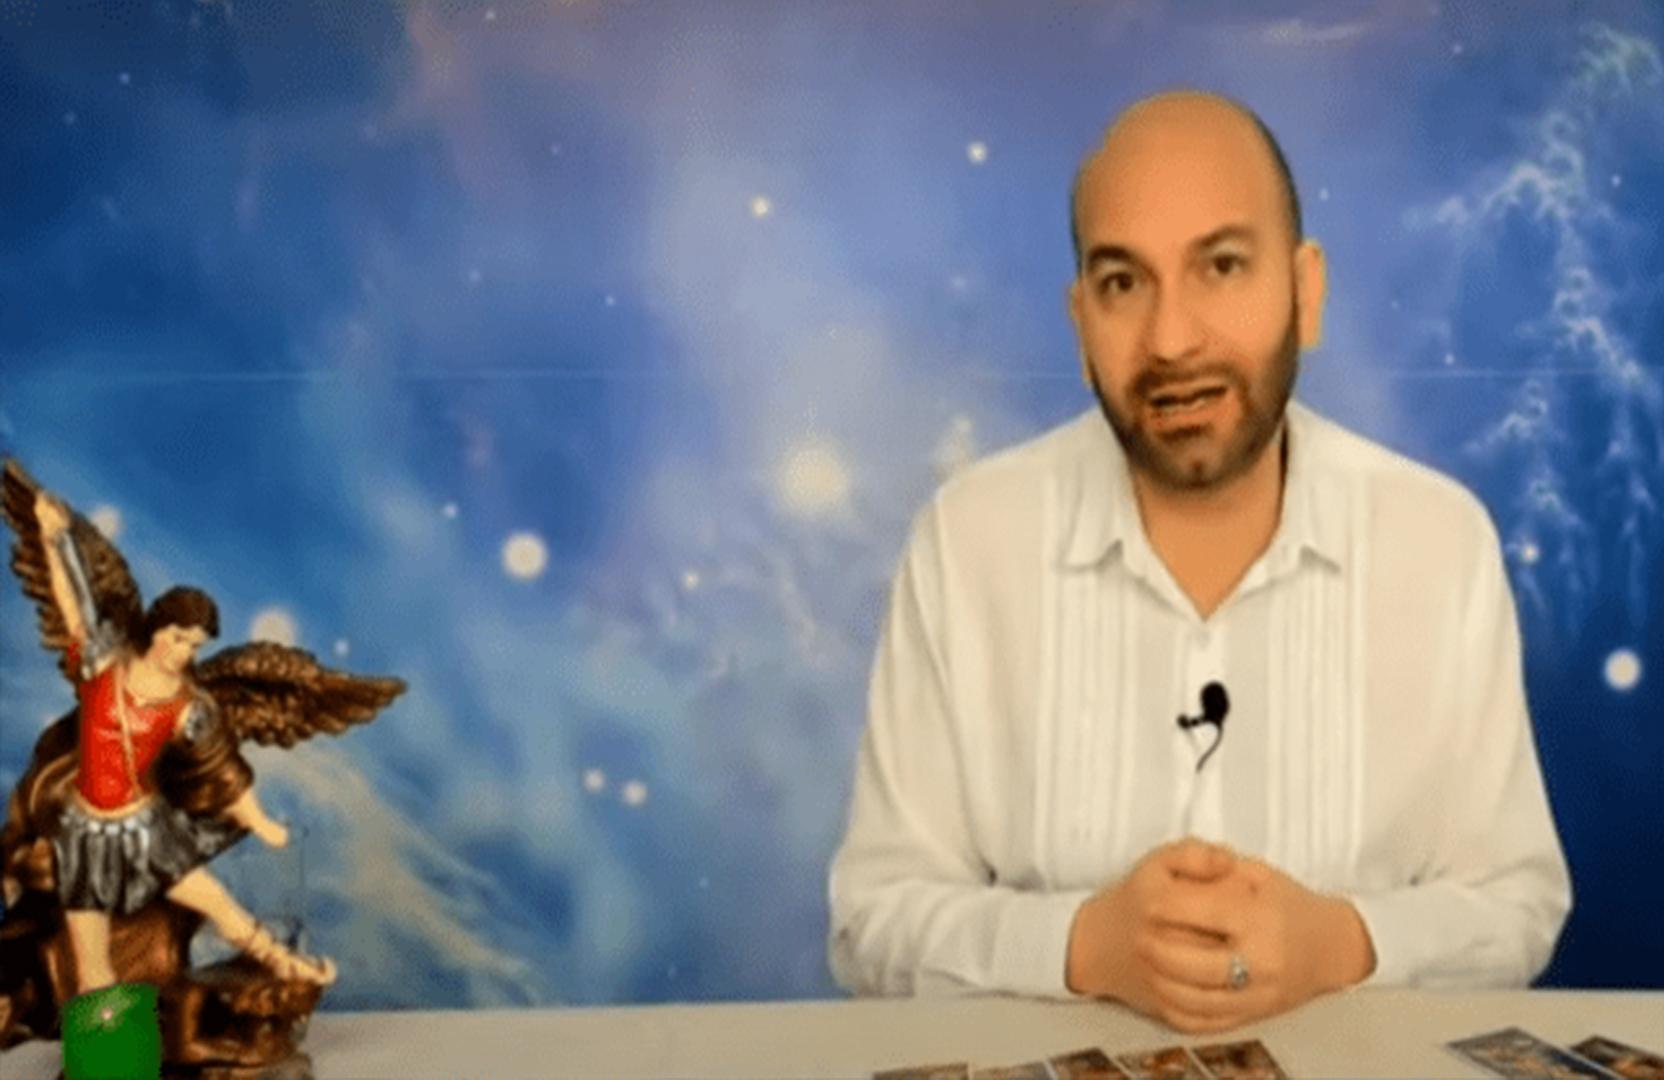 El Vidente Fernando Javier predice un Nuevo Estado de Alarma a principios de 2021